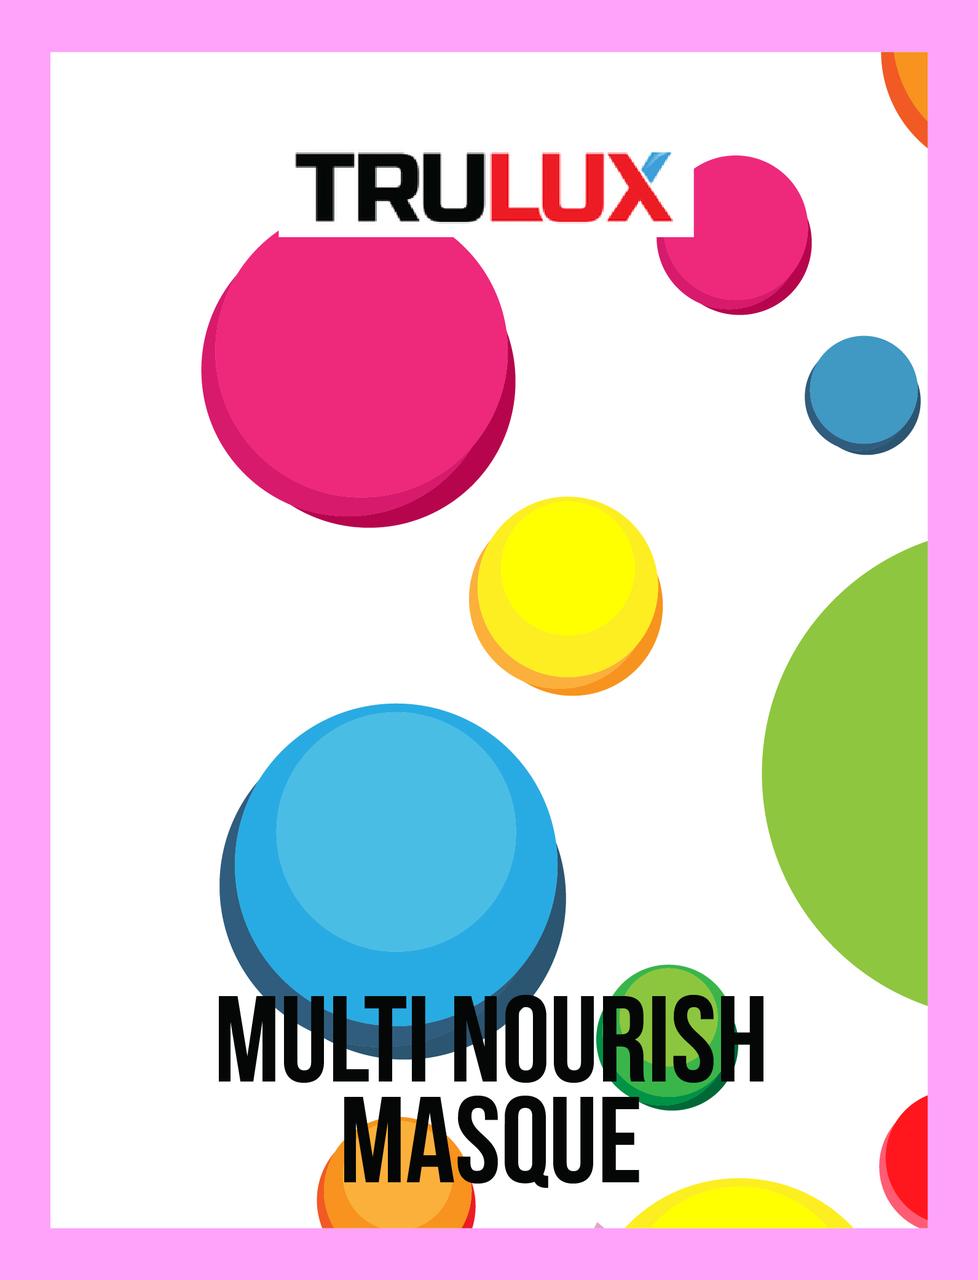 MULTI NOURISH MASQUE